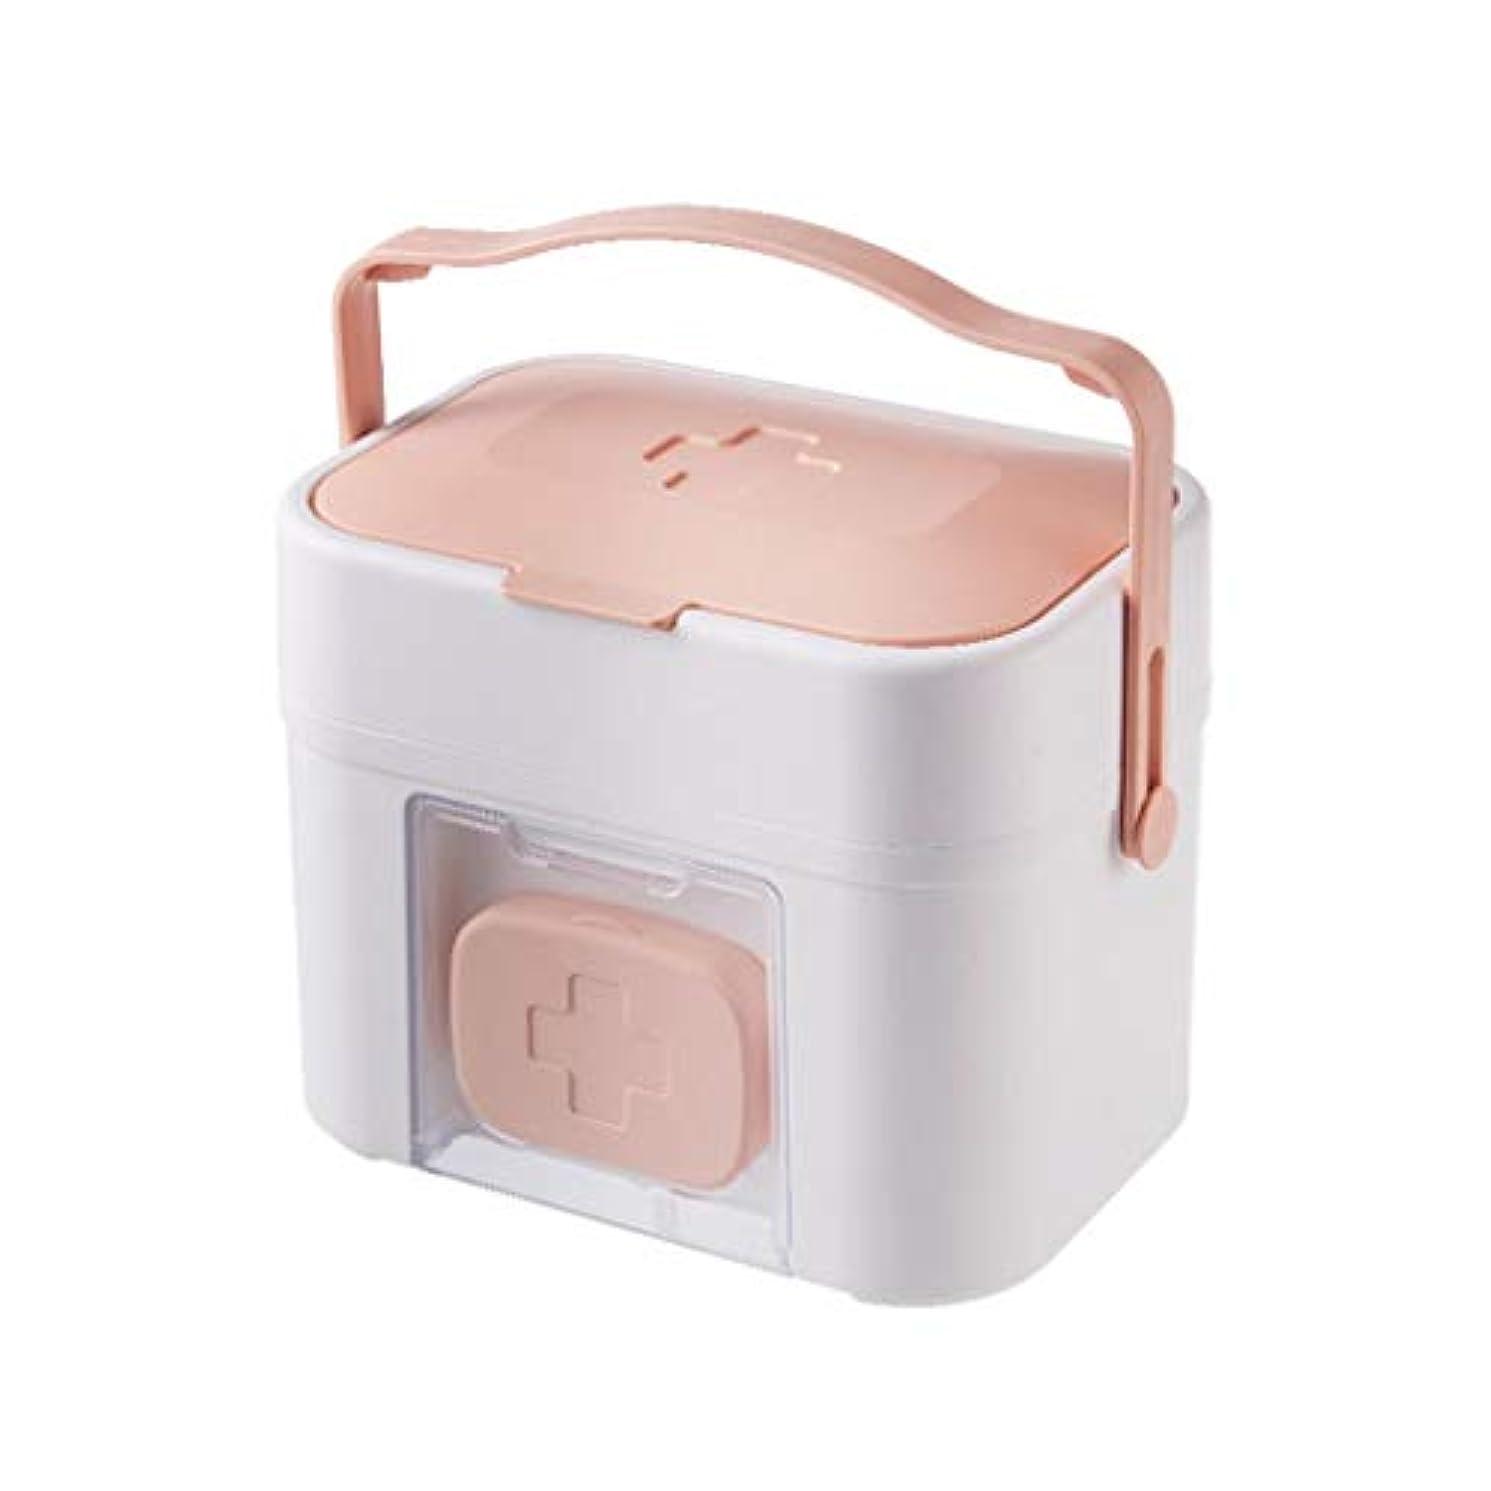 最初に推進プロフェッショナルBBJOZ 家庭用機器携帯用外来緊急医療キット薬箱家庭用薬箱大型薬収納ボックス (Color : Pink)